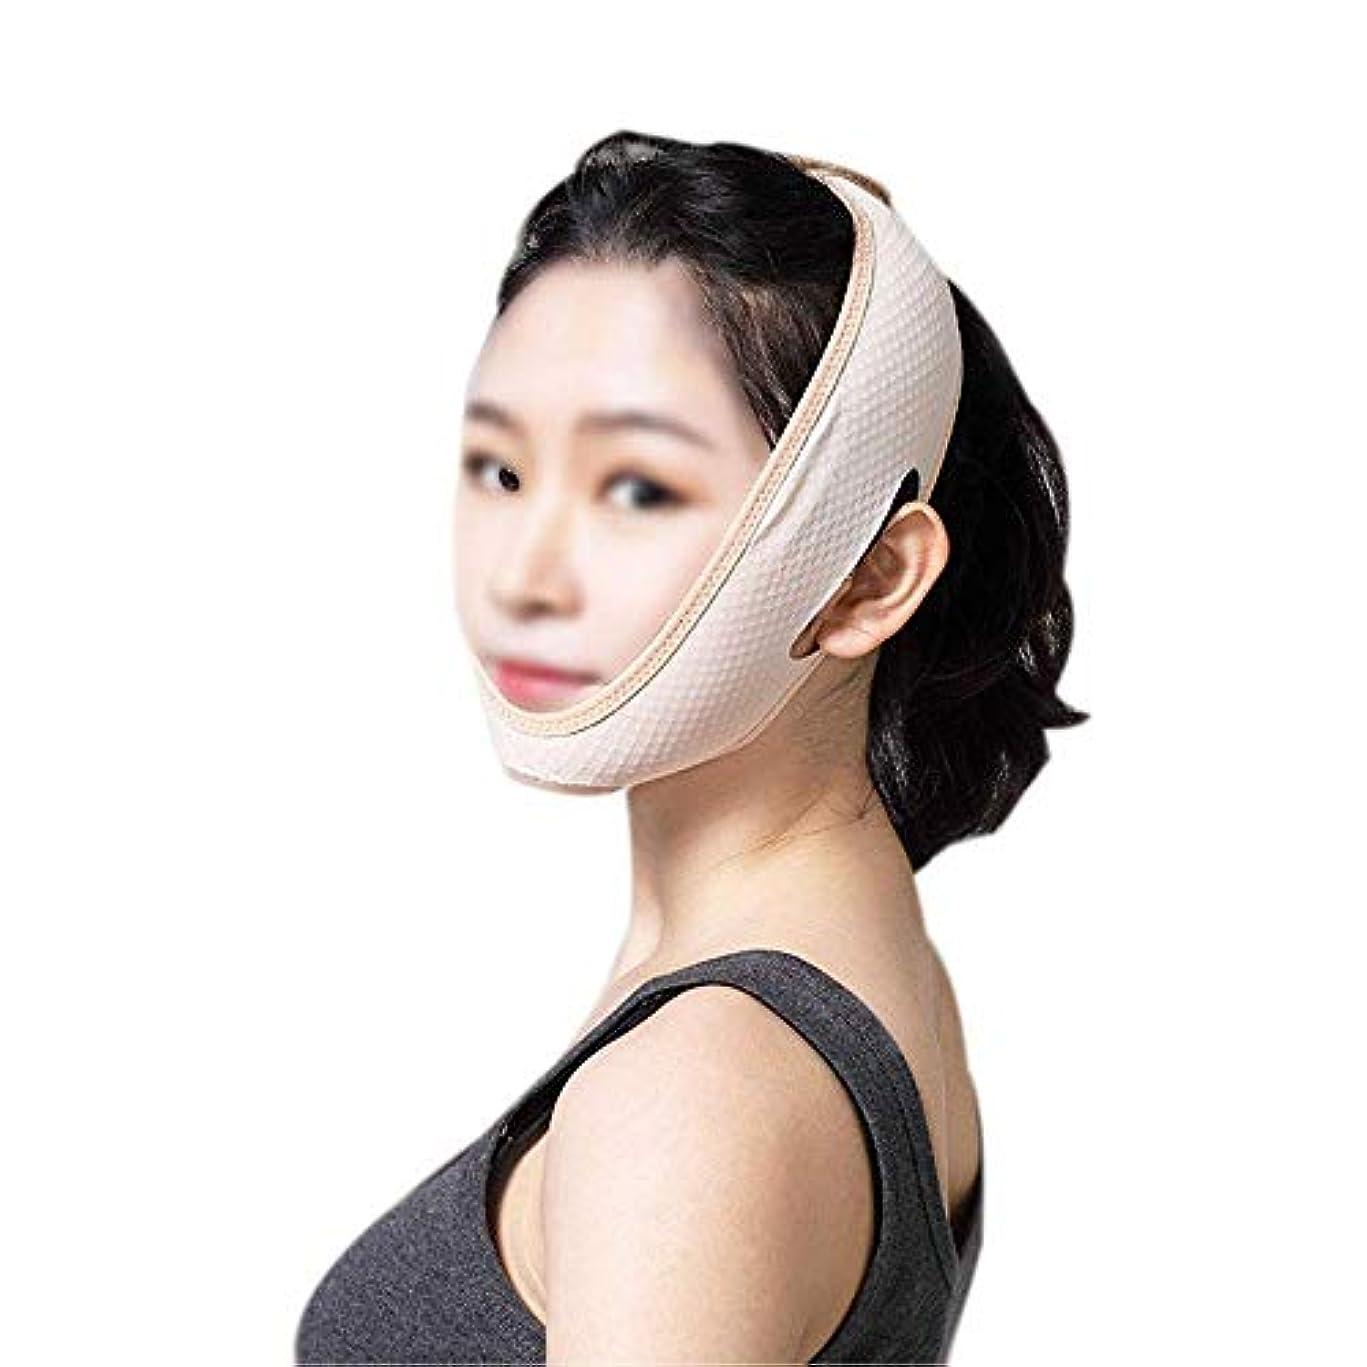 作物細いベンチャーフェイスリフティングバンデージ、肌の引き締めを強化する薄いフェイスマスクの睡眠、ダブルチンマスクの削減